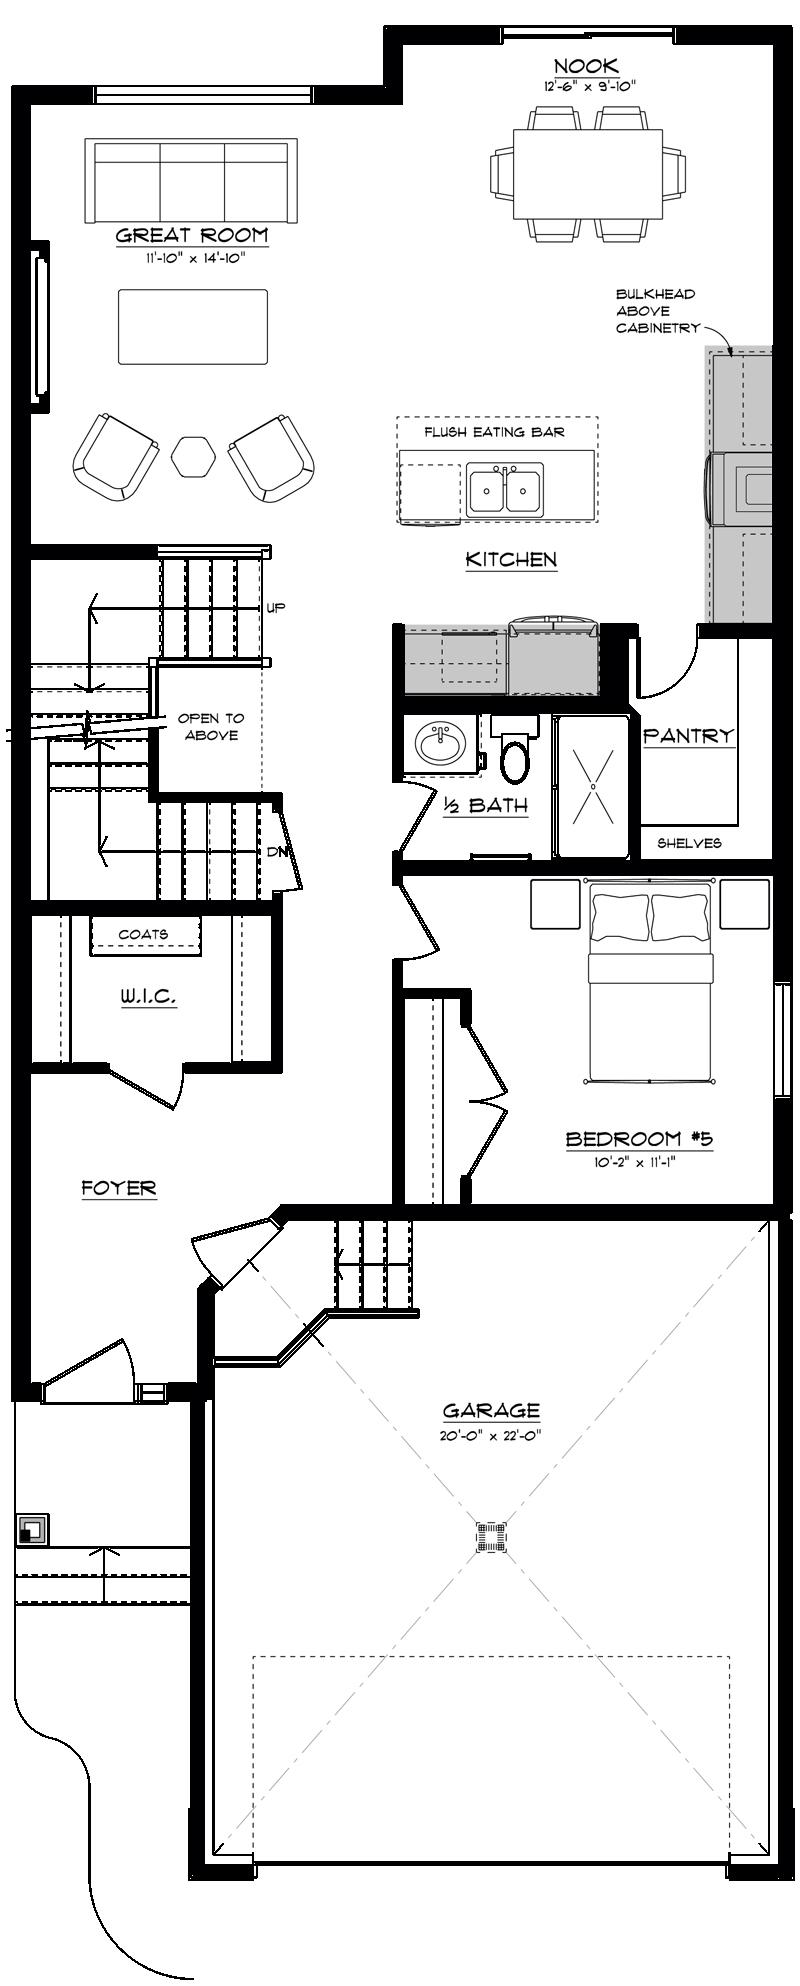 Floor Plan - Main floor bedroom